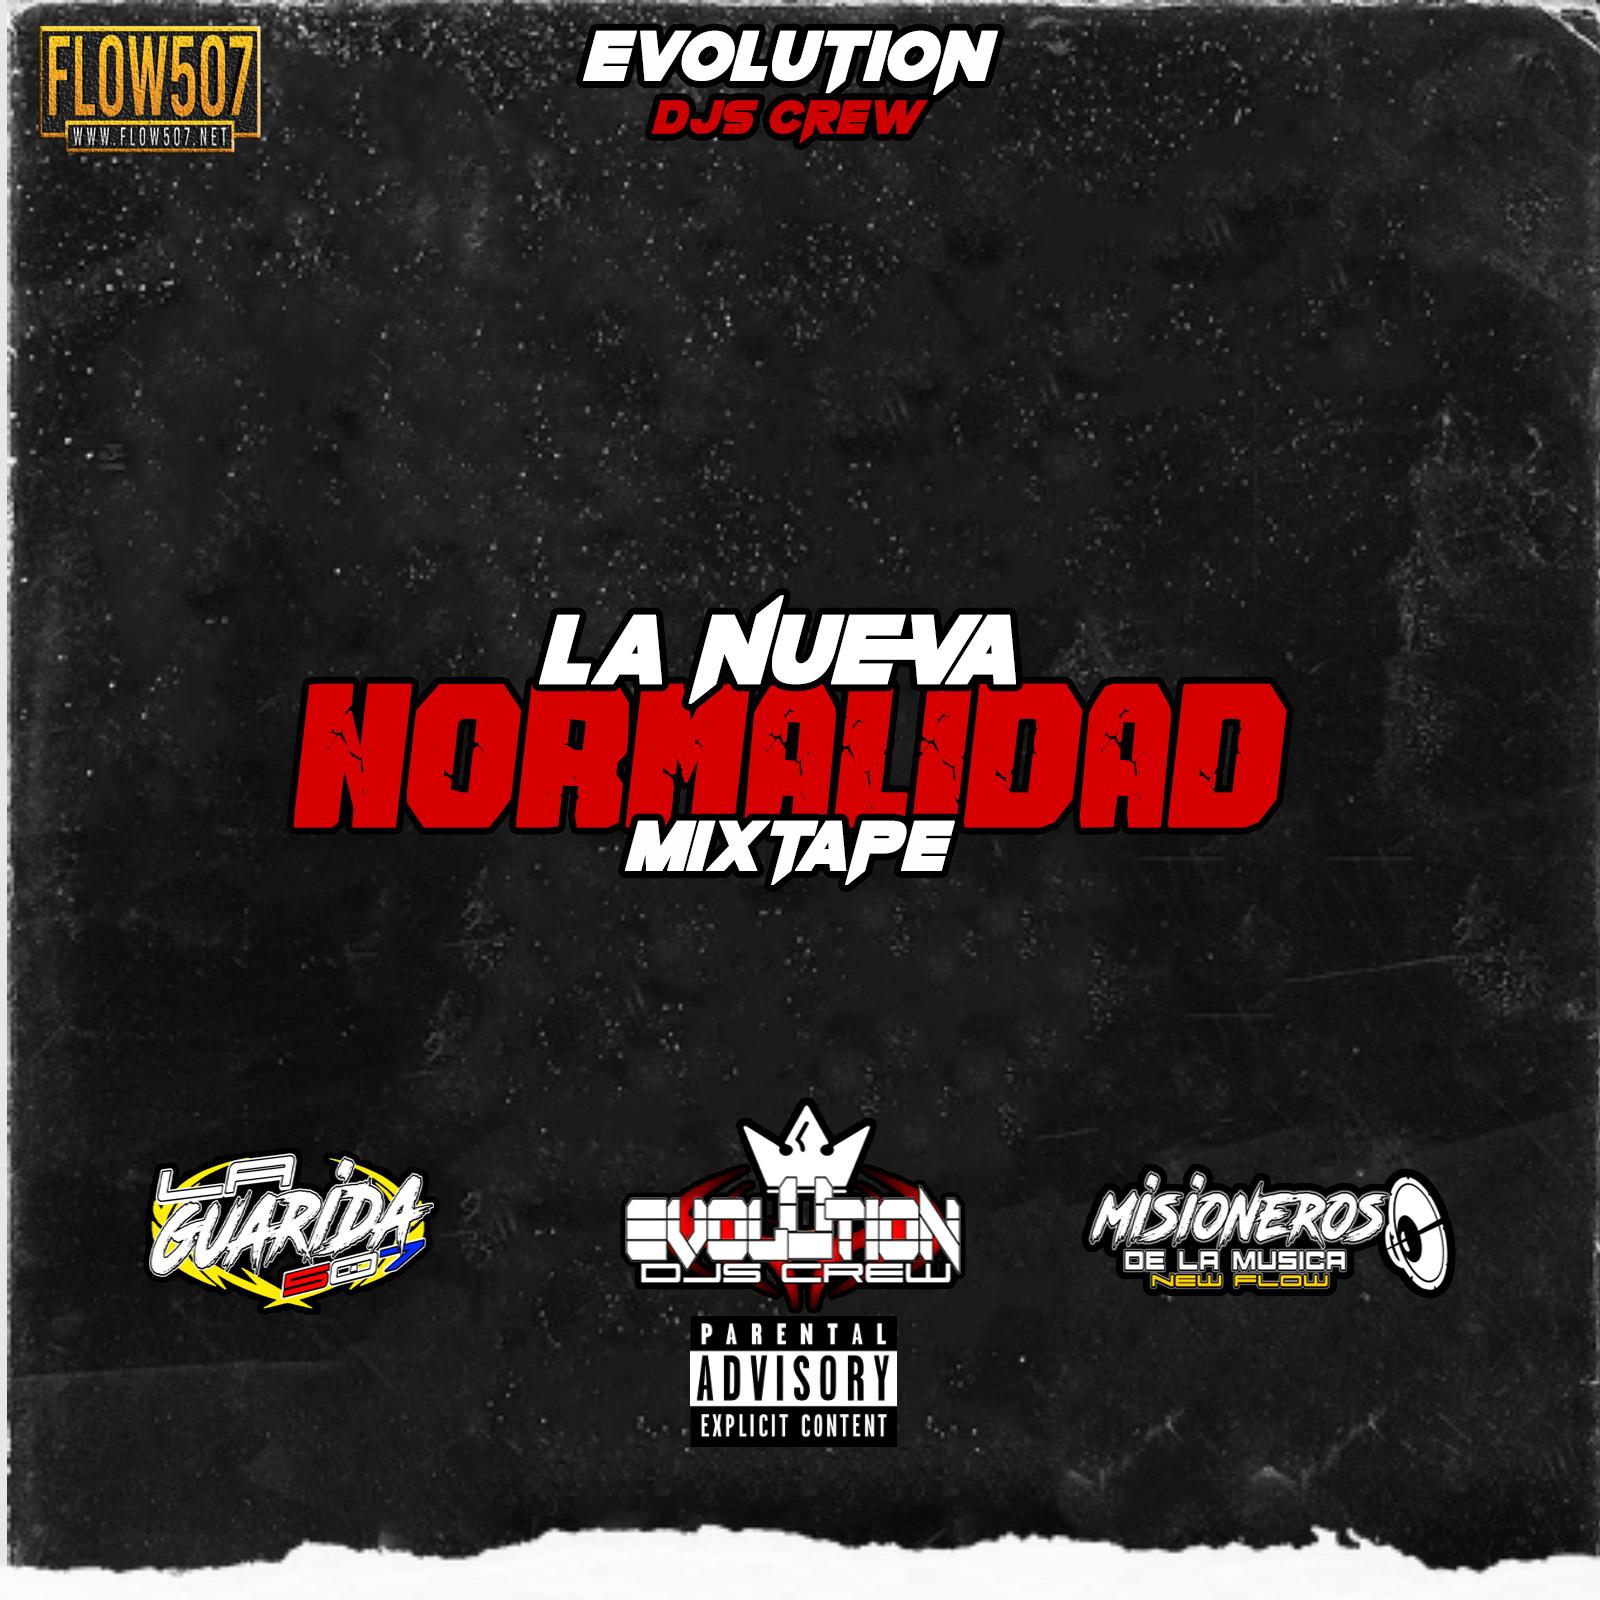 @DjBarney507 - Los Patrones De La Cumbia Mix